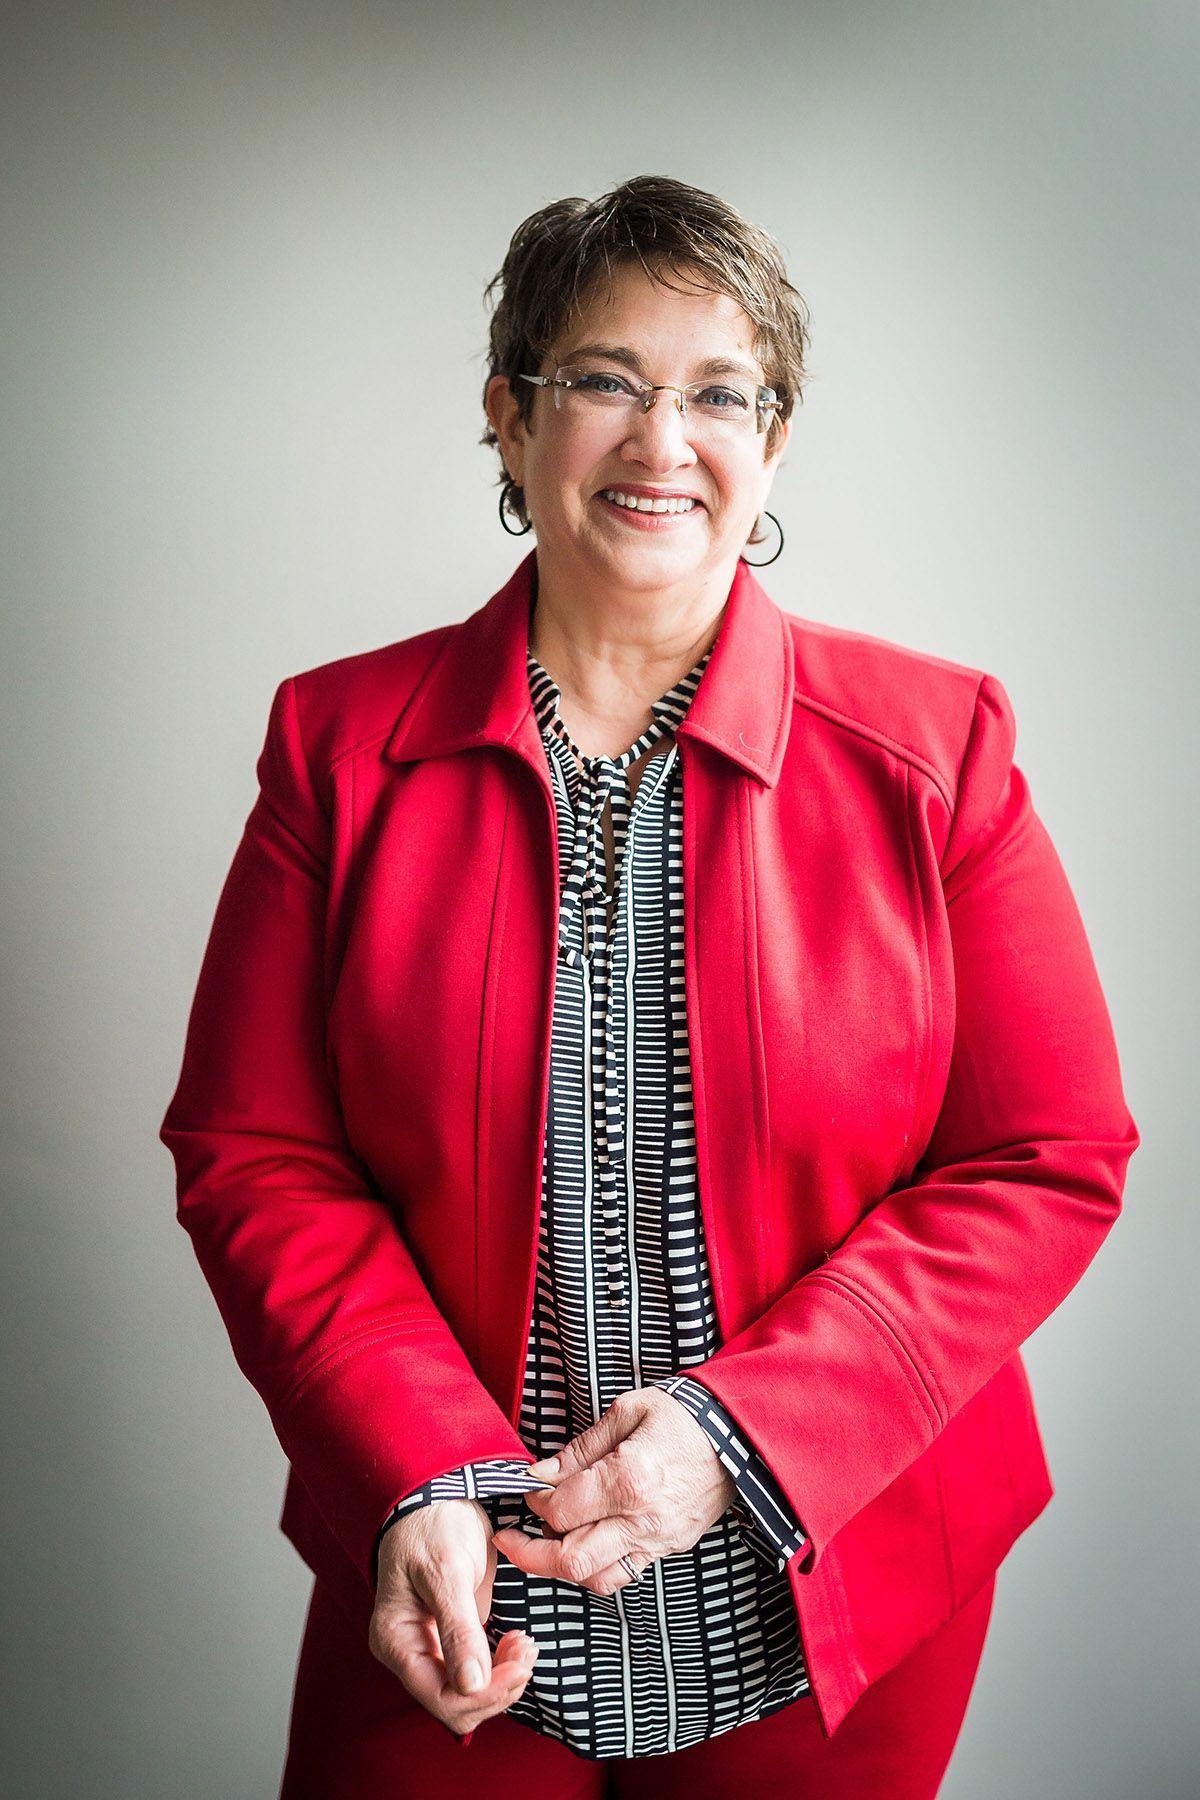 Gina Powell